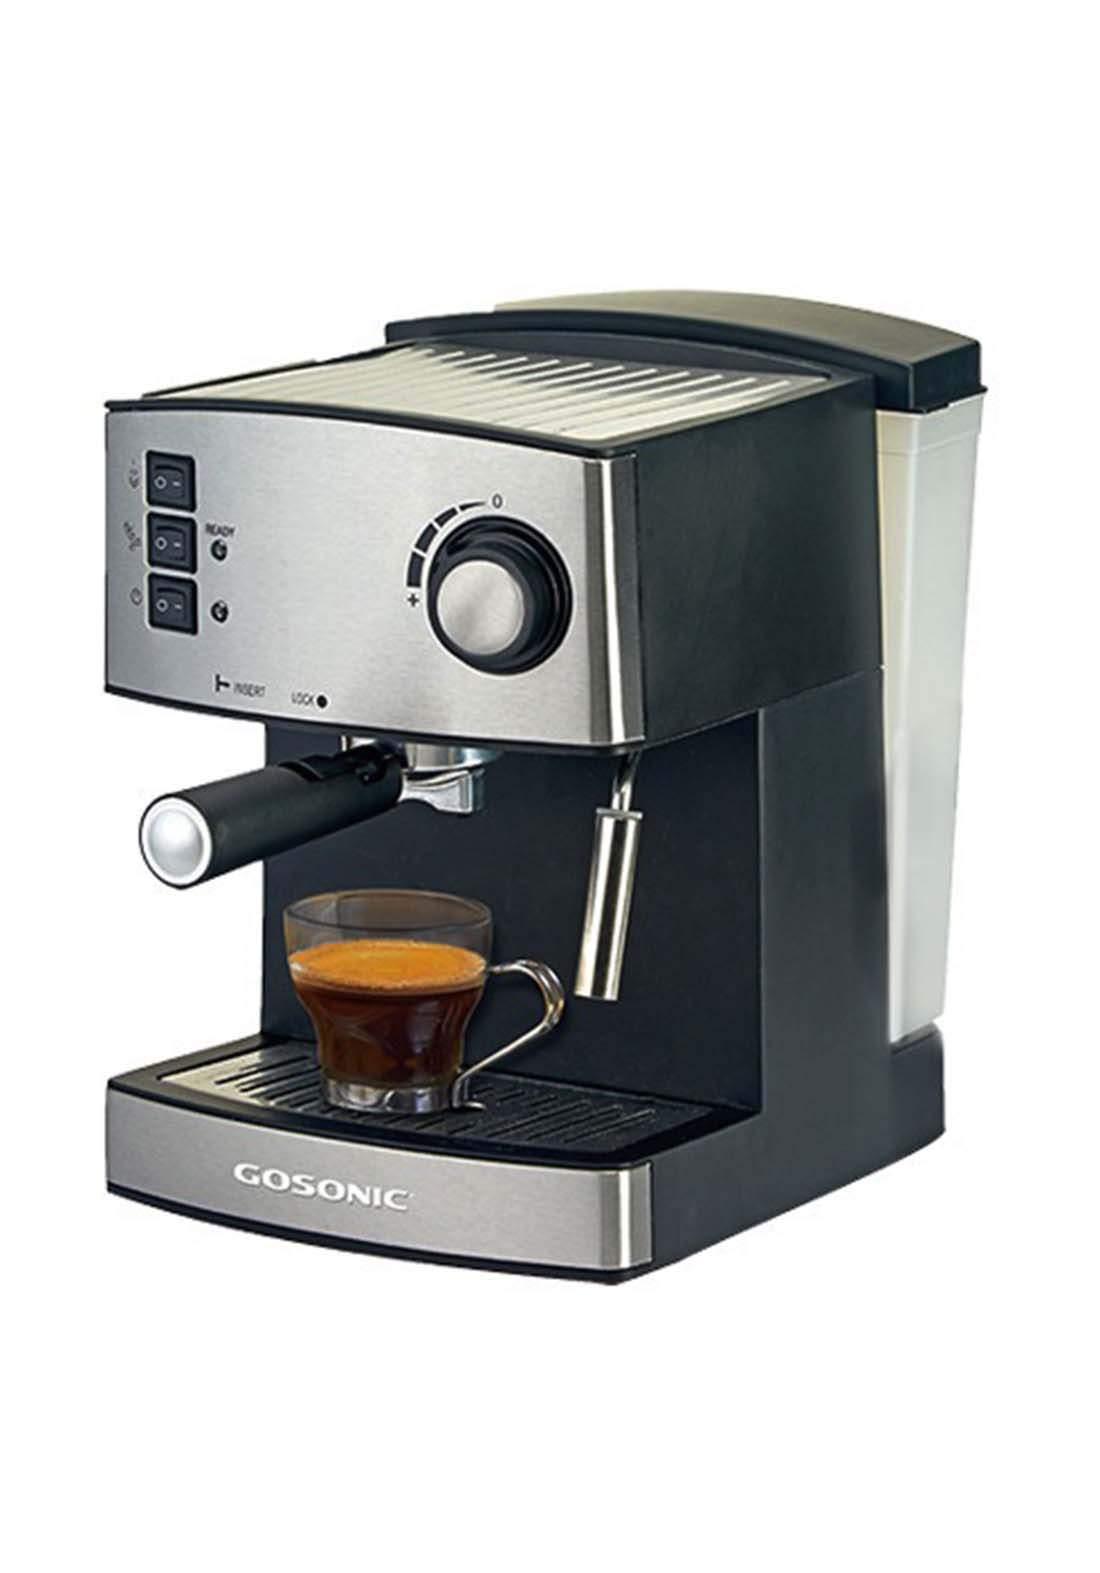 ماكينة تحضير القهوة و الاسبرسو من ماركة جوسونيك